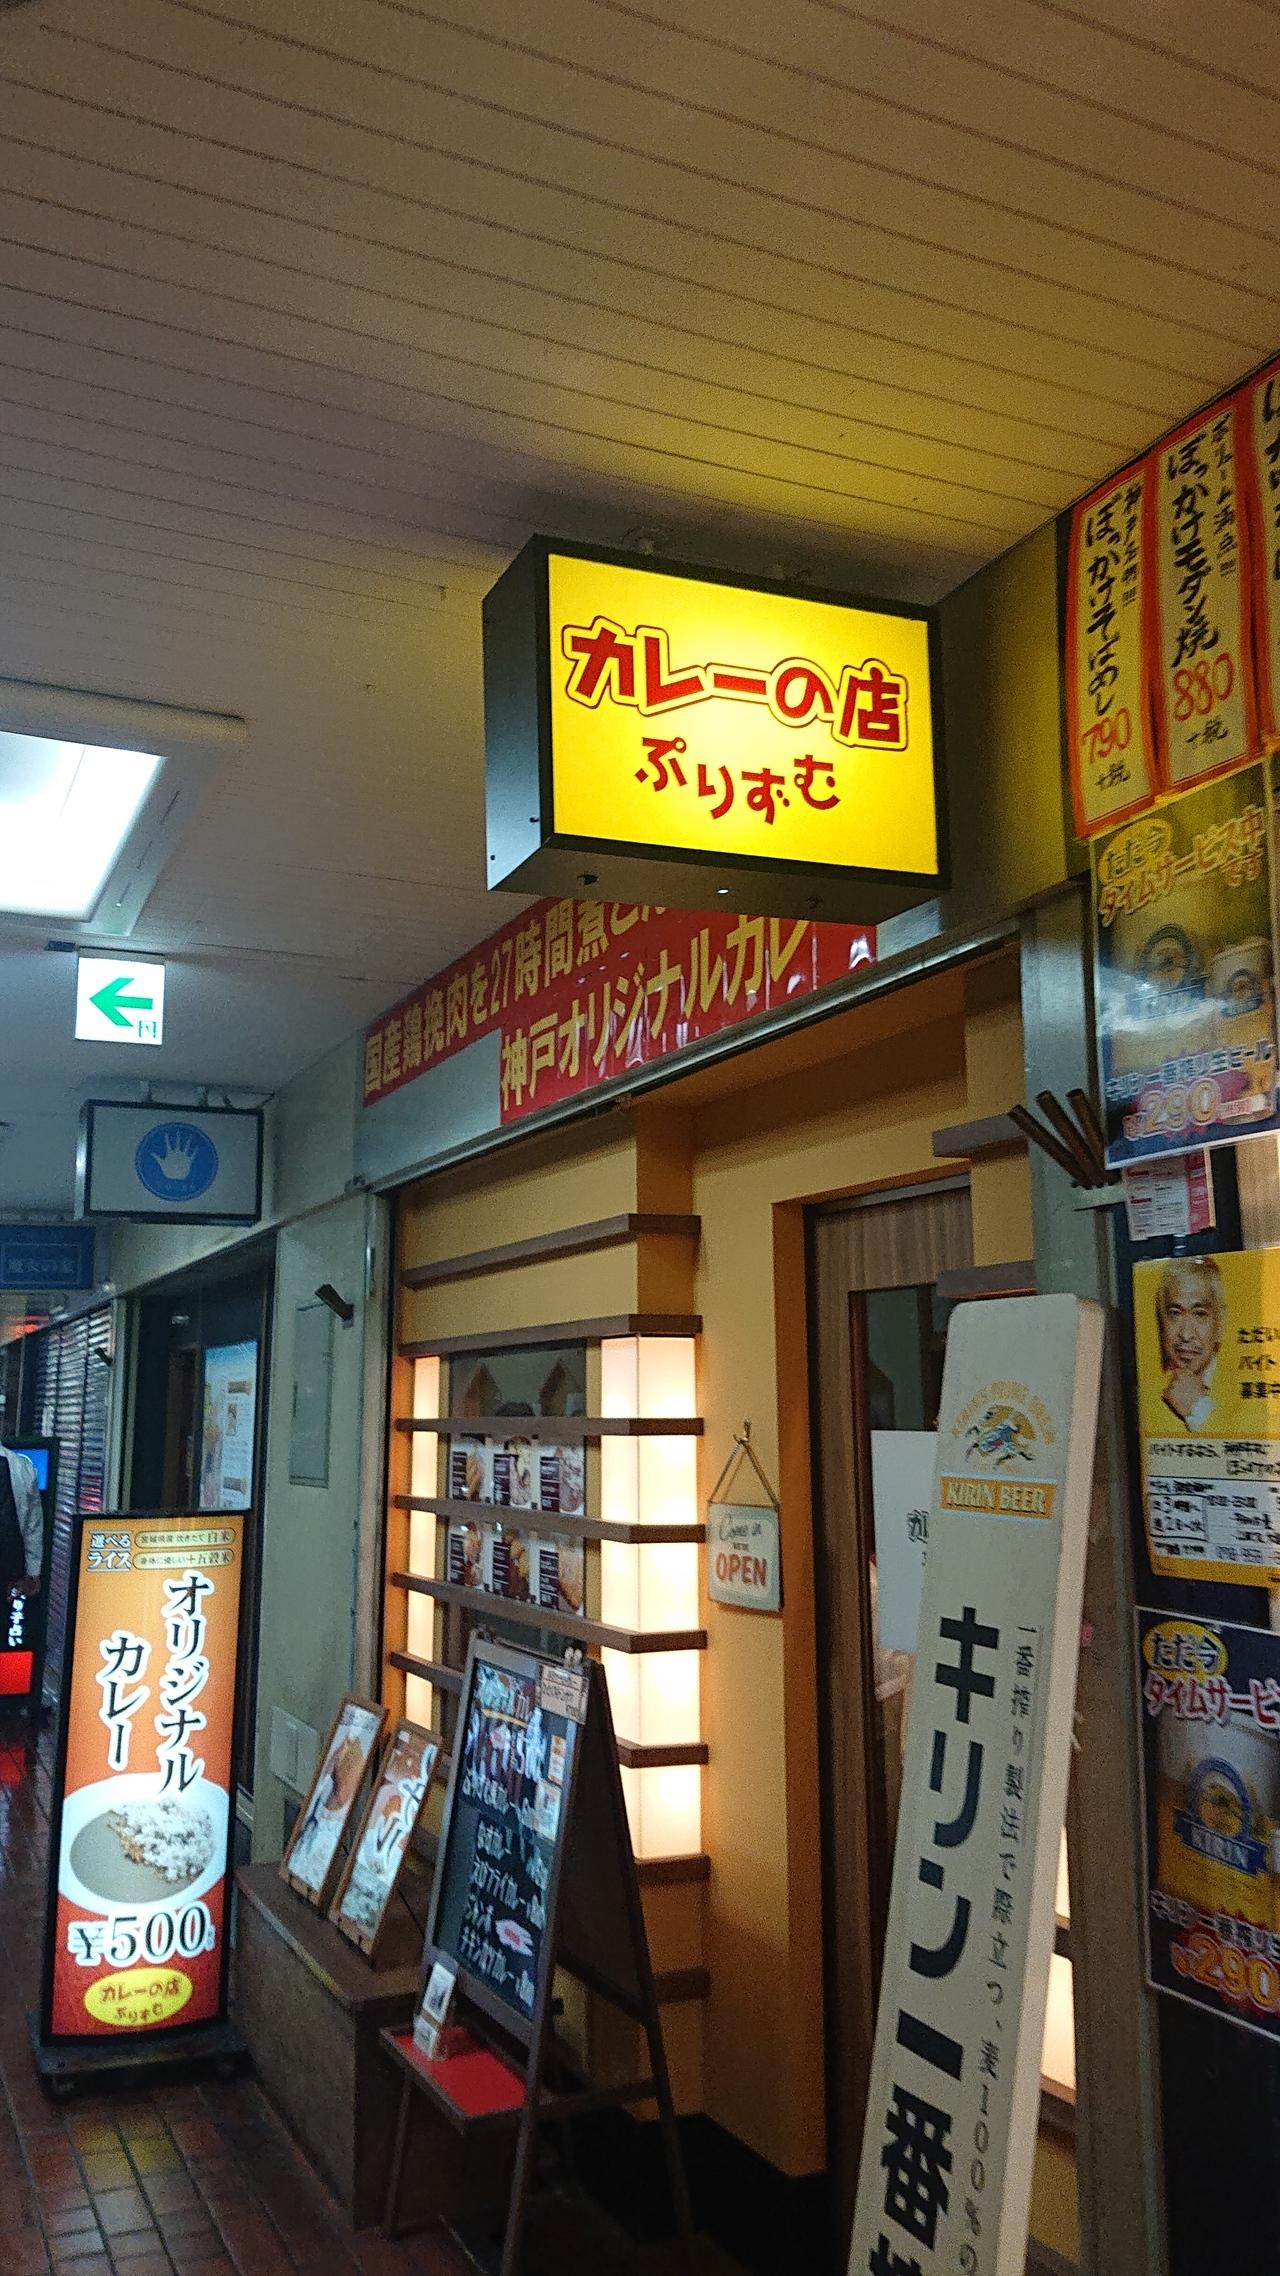 カレーの店 ぷりずむ 三宮店